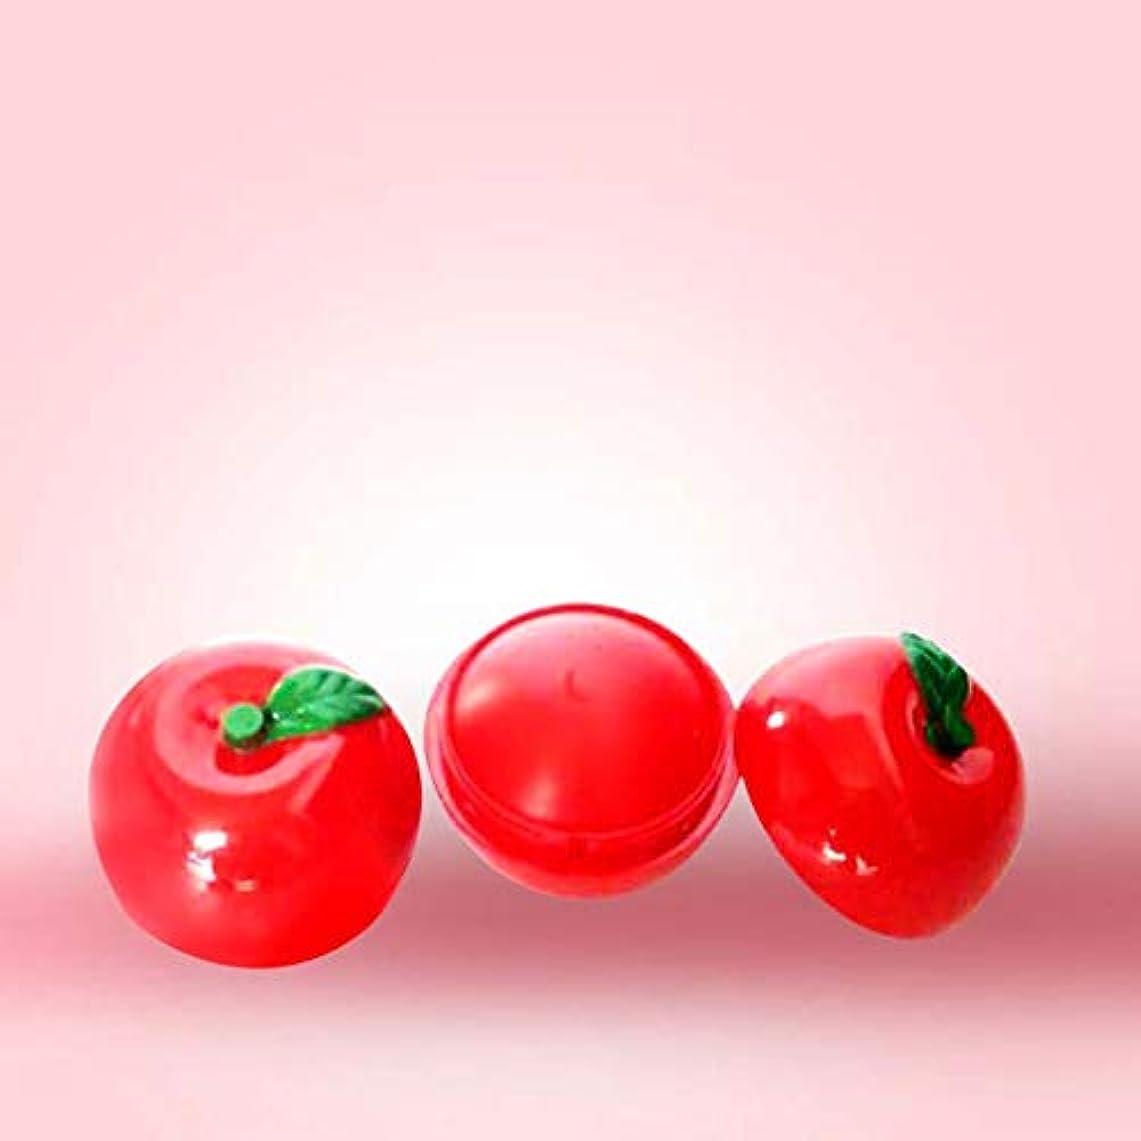 前書き連帯飲み込むKISSION 保湿と持続するリップクリーム ベビーリップスキンケア かわいいリンゴの球形の口紅 栄養と保湿 修理水リップスティック